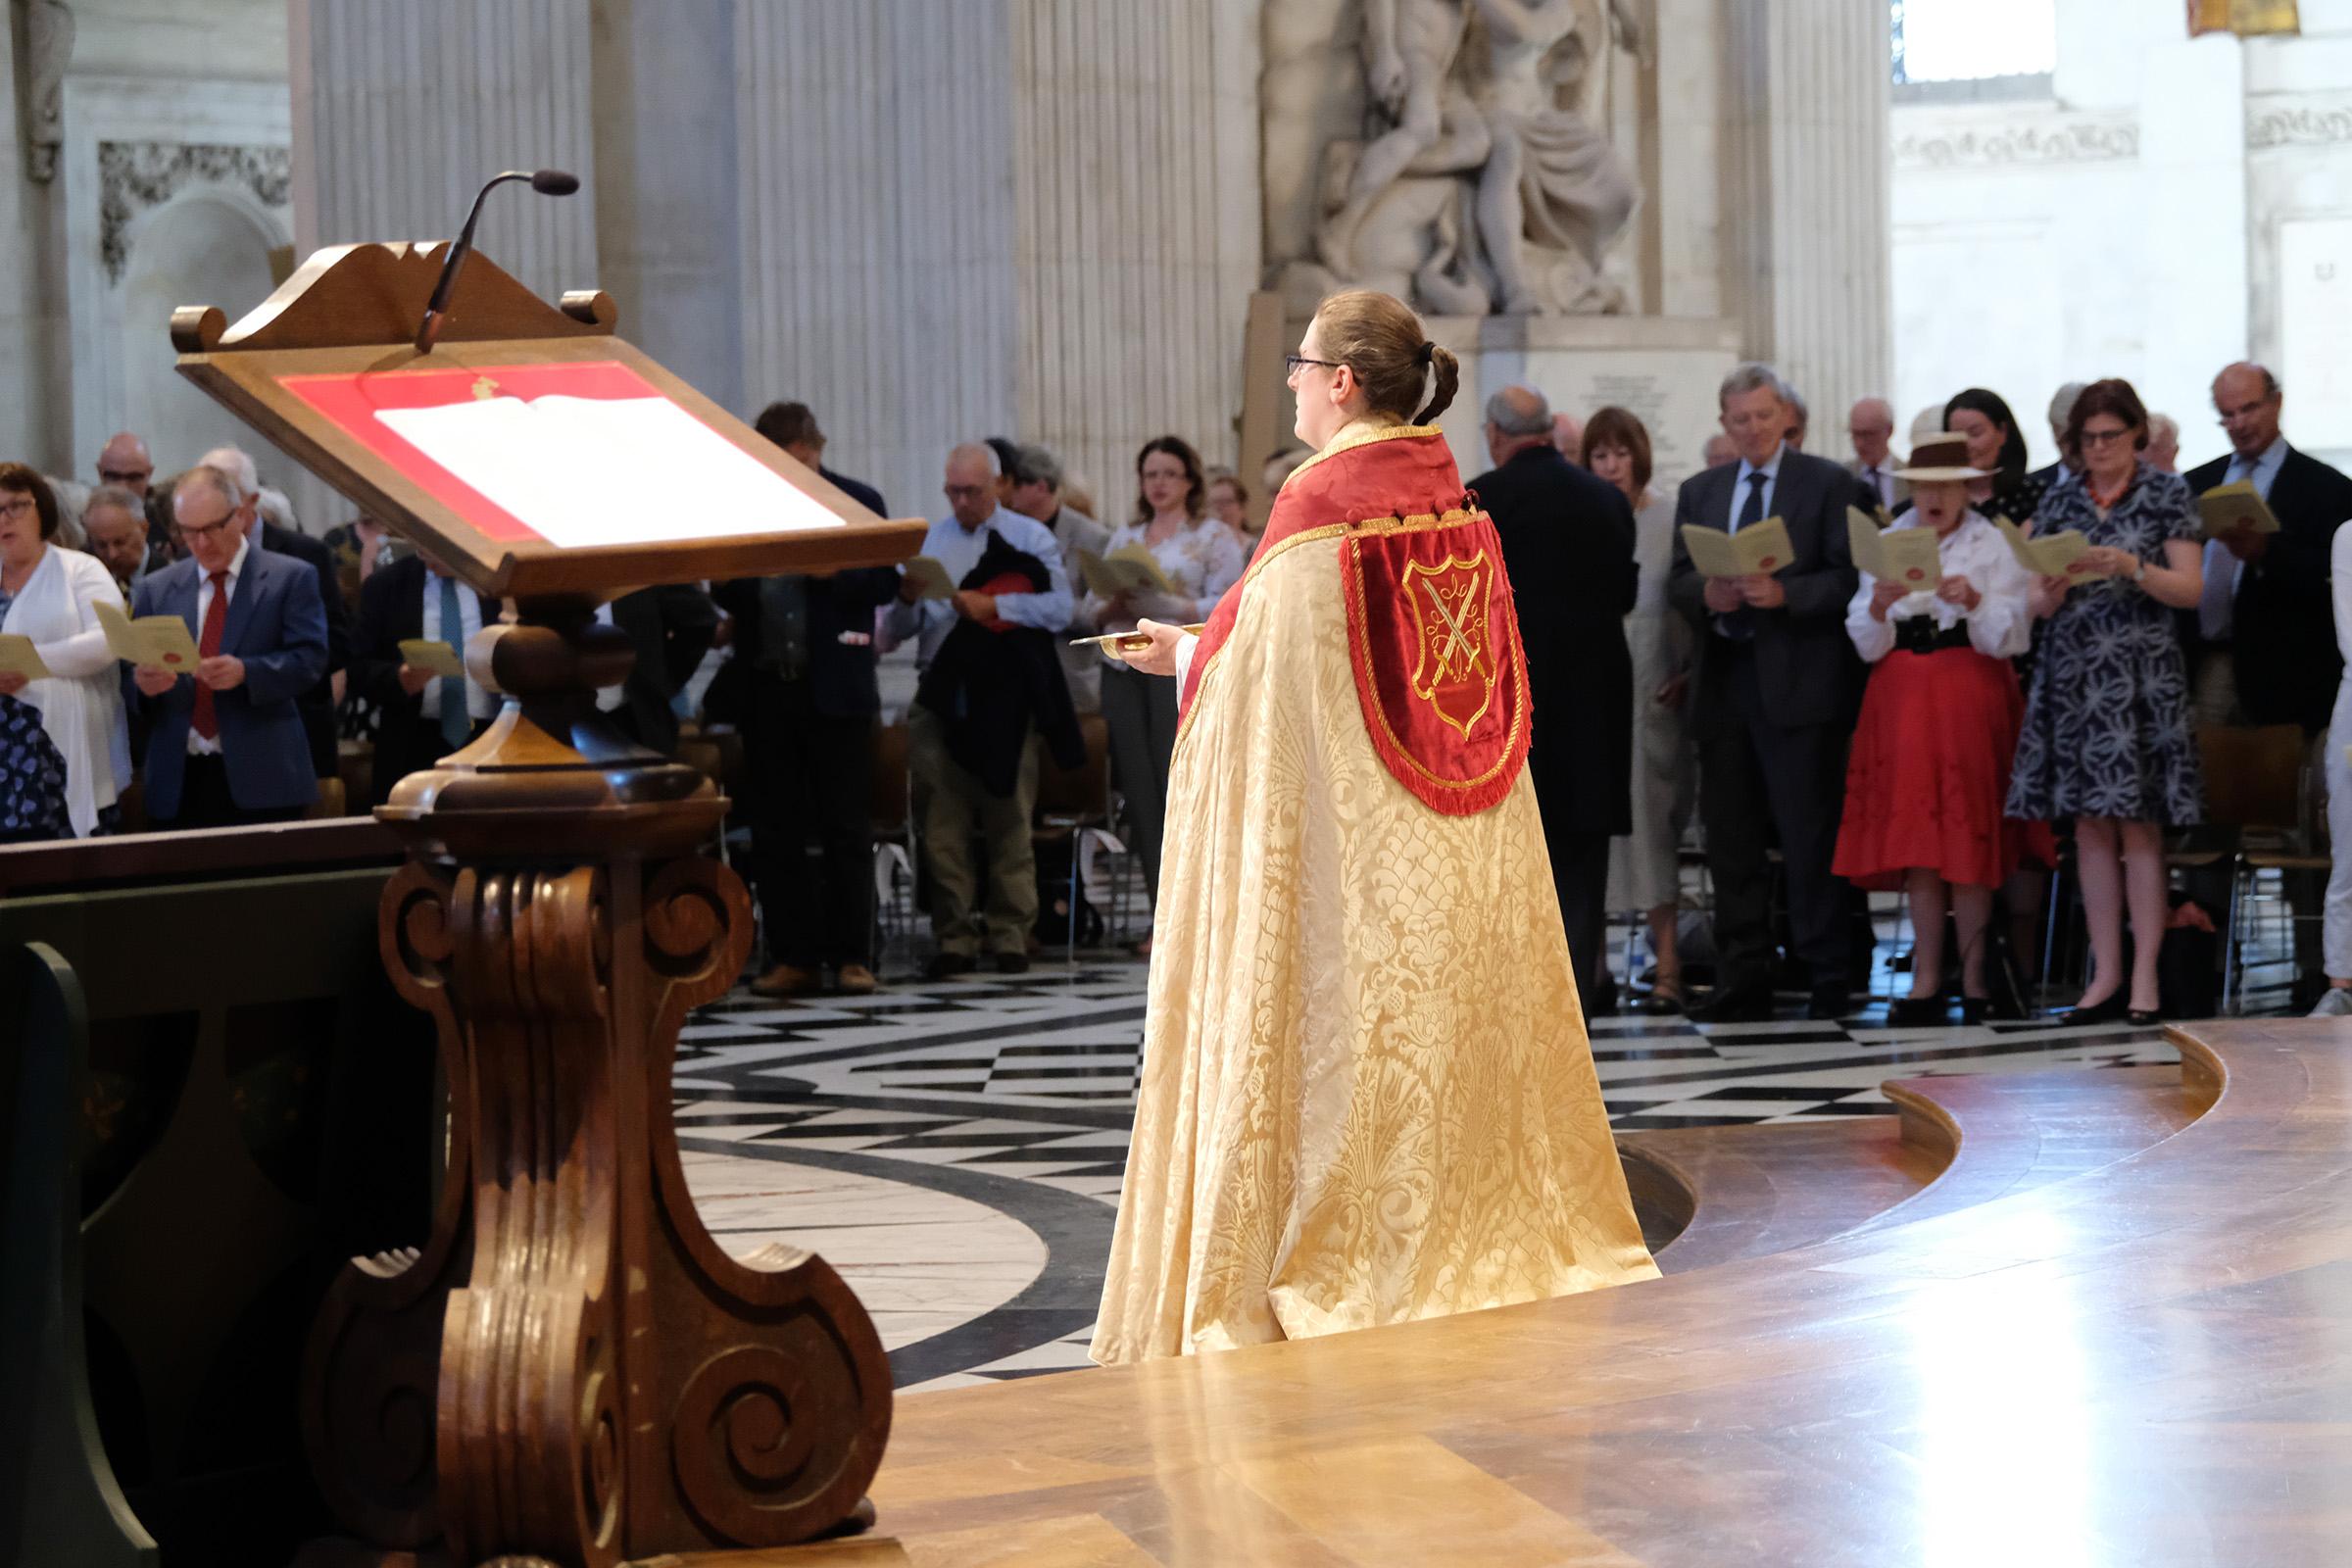 Rev Rosemary Morton, Minor Canon and Succentor